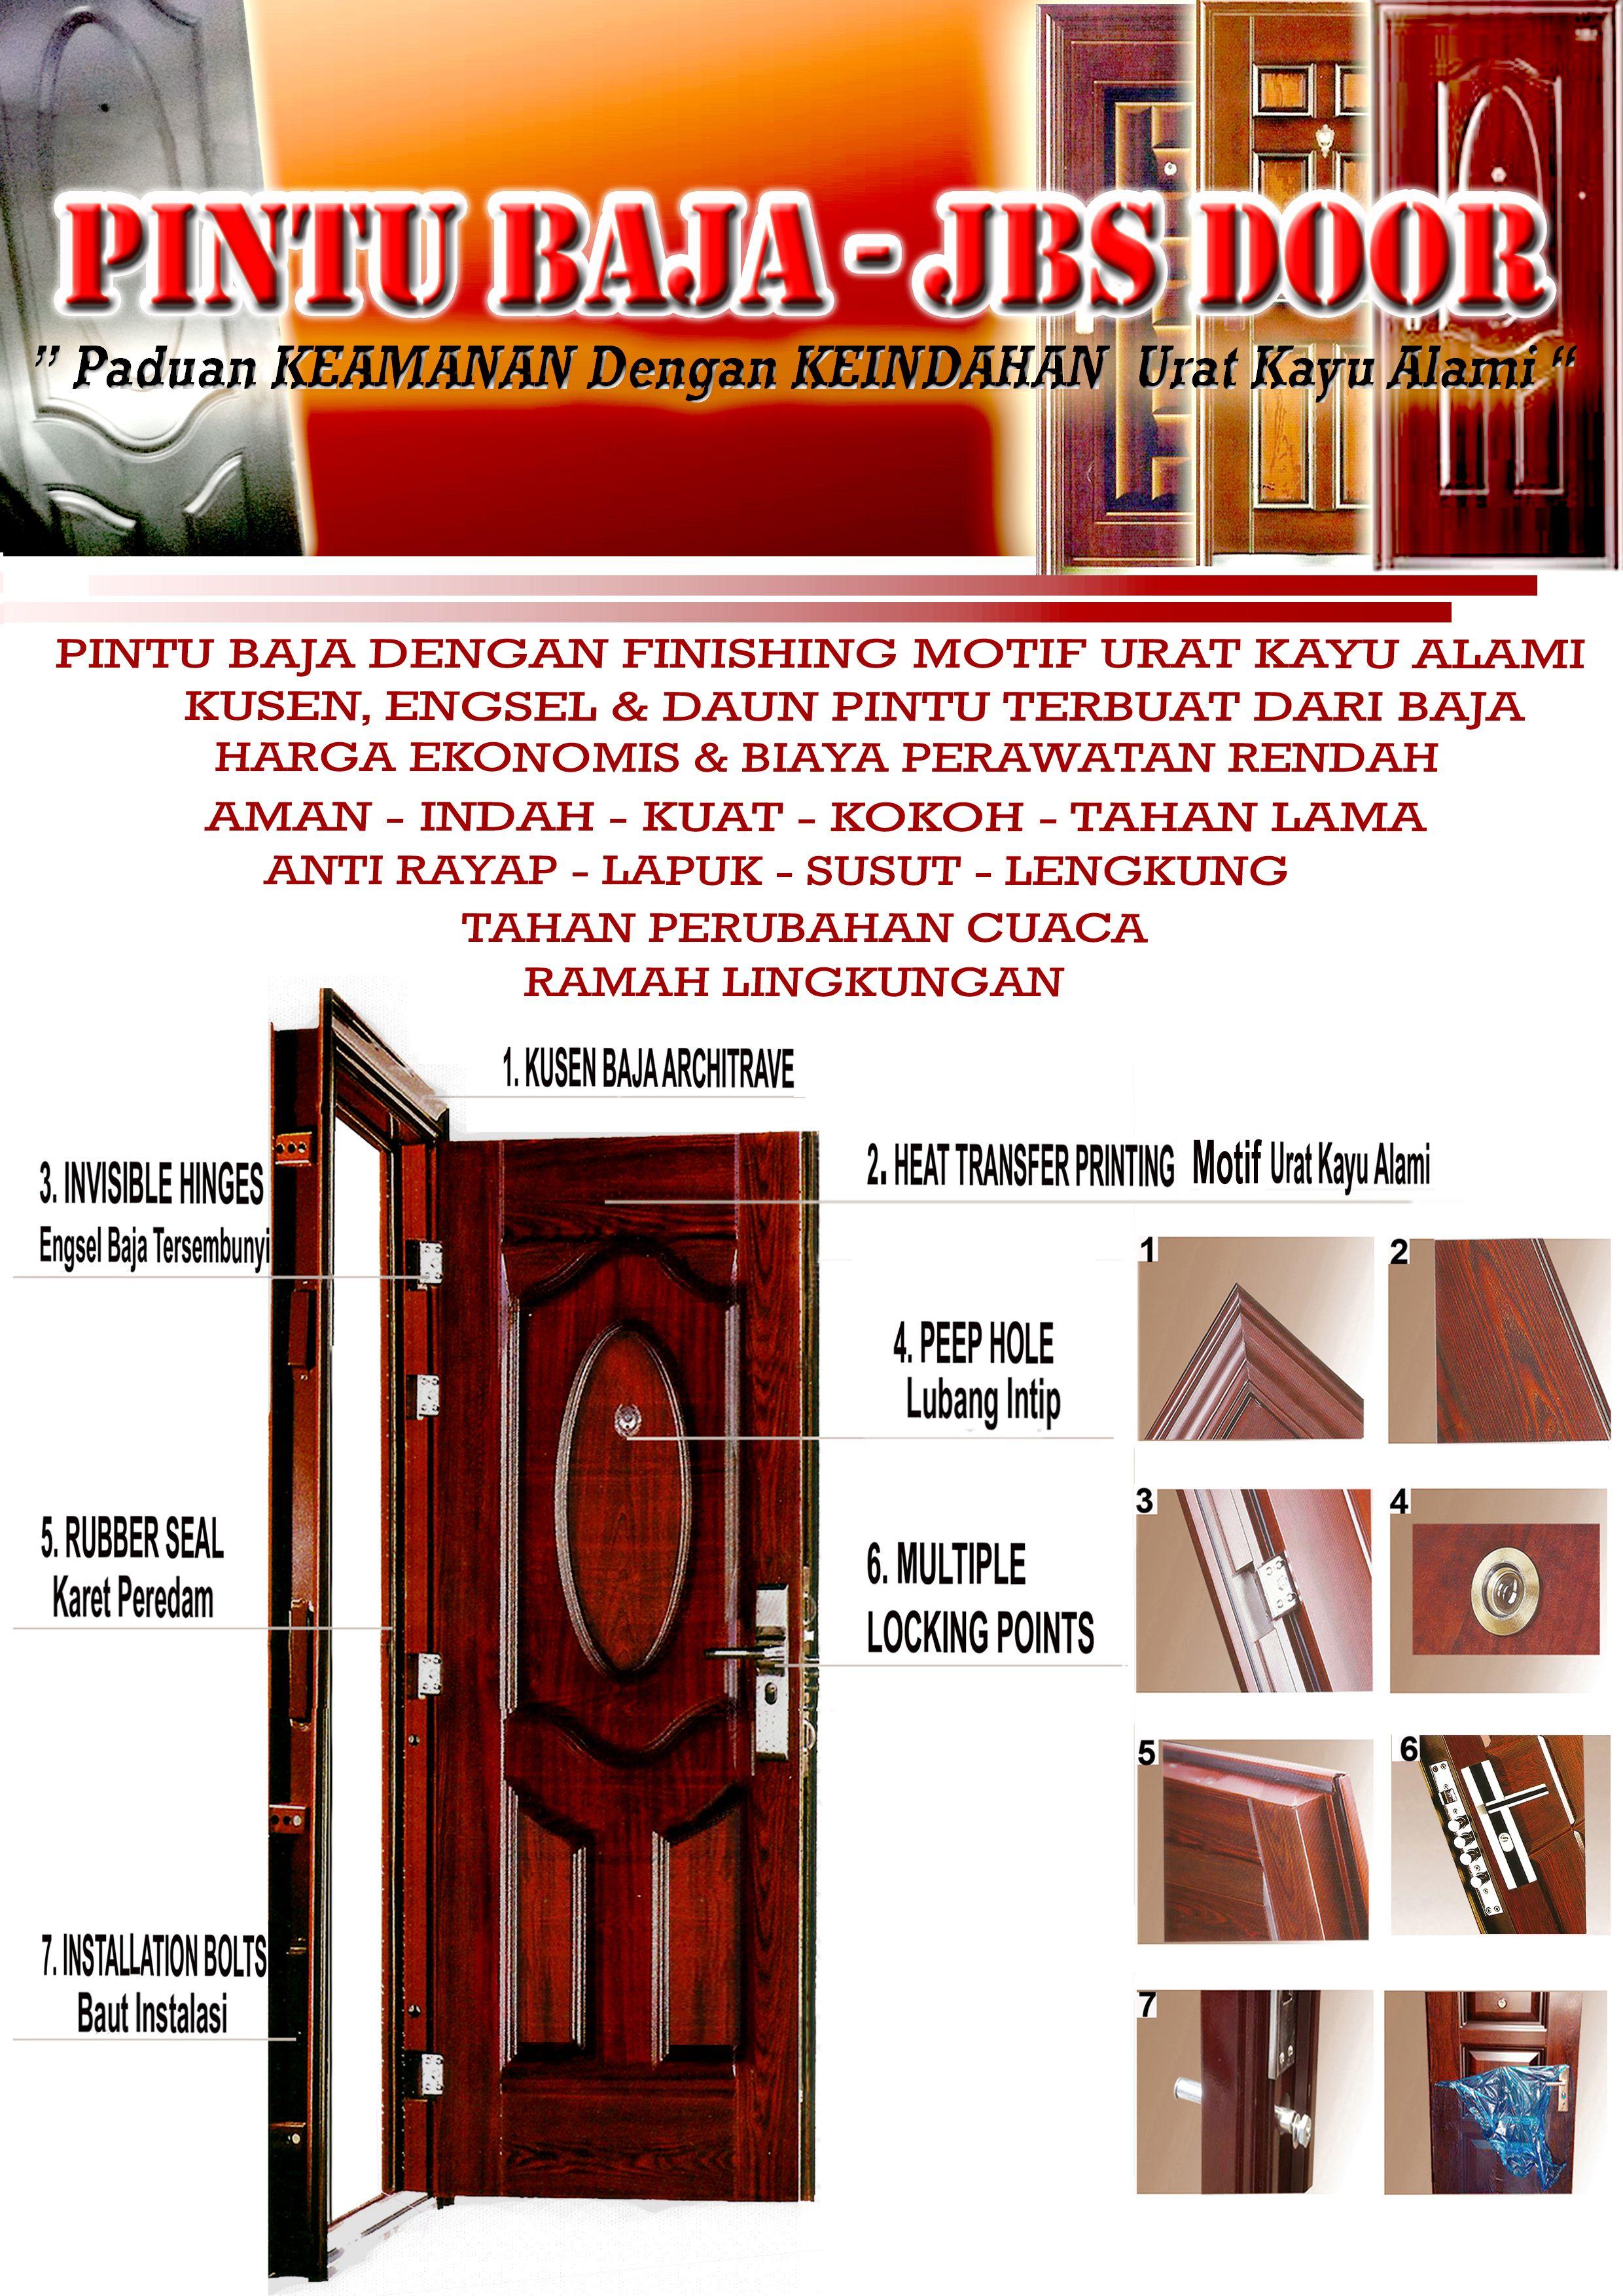 Gambar Depan Rumah : gambar, depan, rumah, Pintu, Depan, Rumah, Minimalis, Jakarta,, Modern, (Dengan, Gambar), Pintu,, Depan,